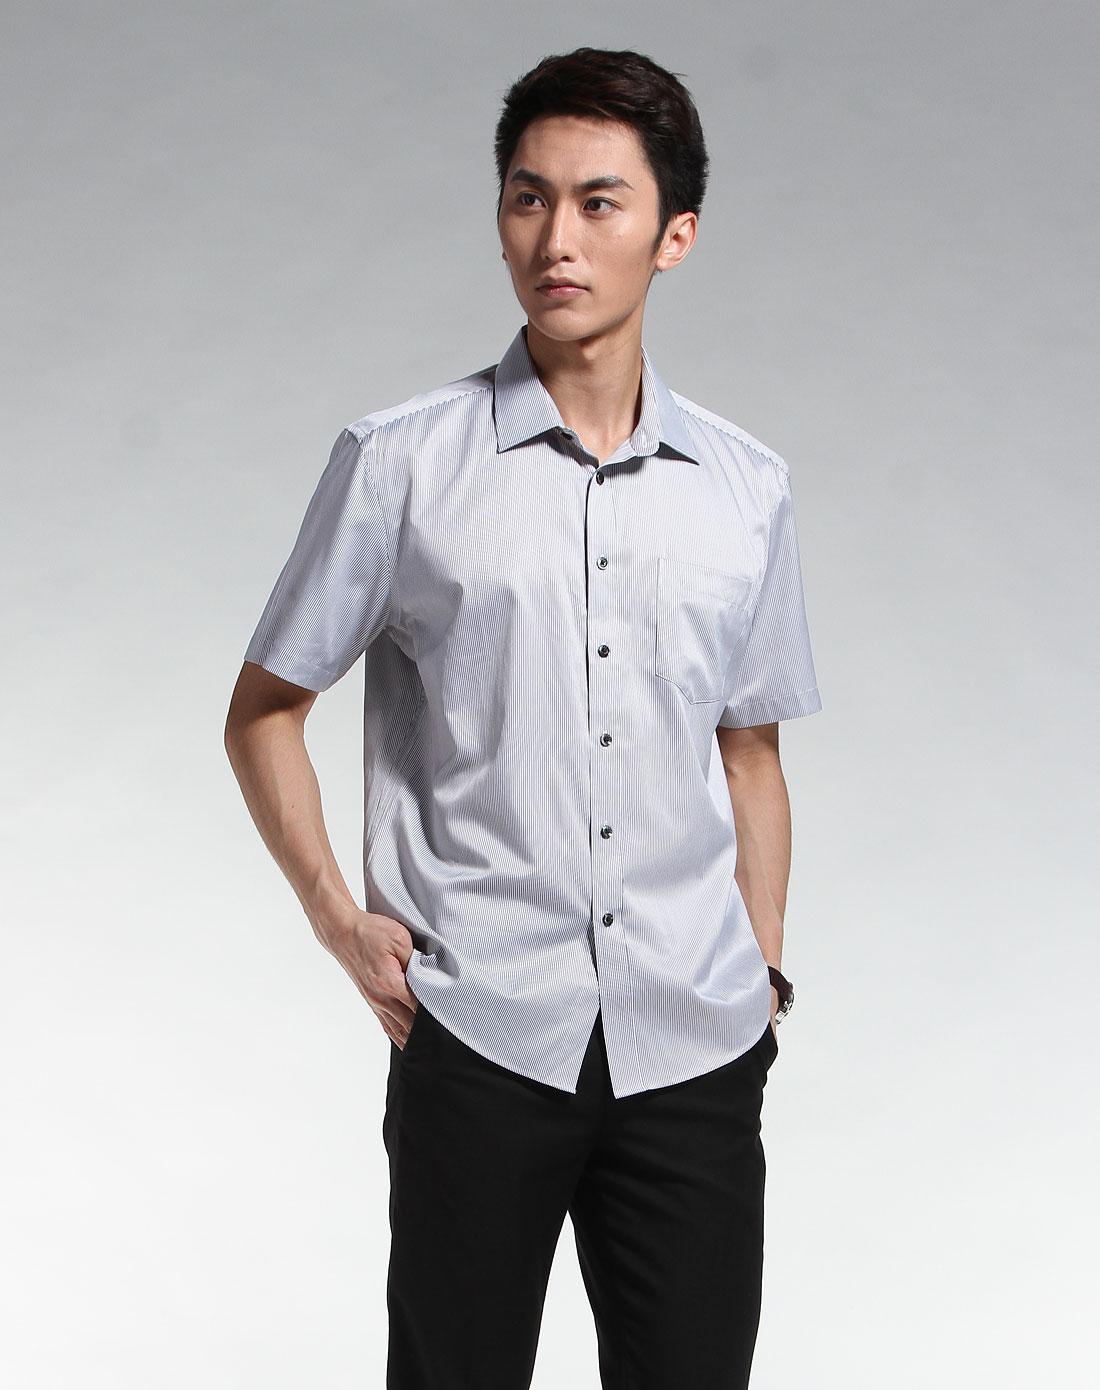 奥斯卡丹oscardan男装专场-灰色竖纹休闲短袖衬衫